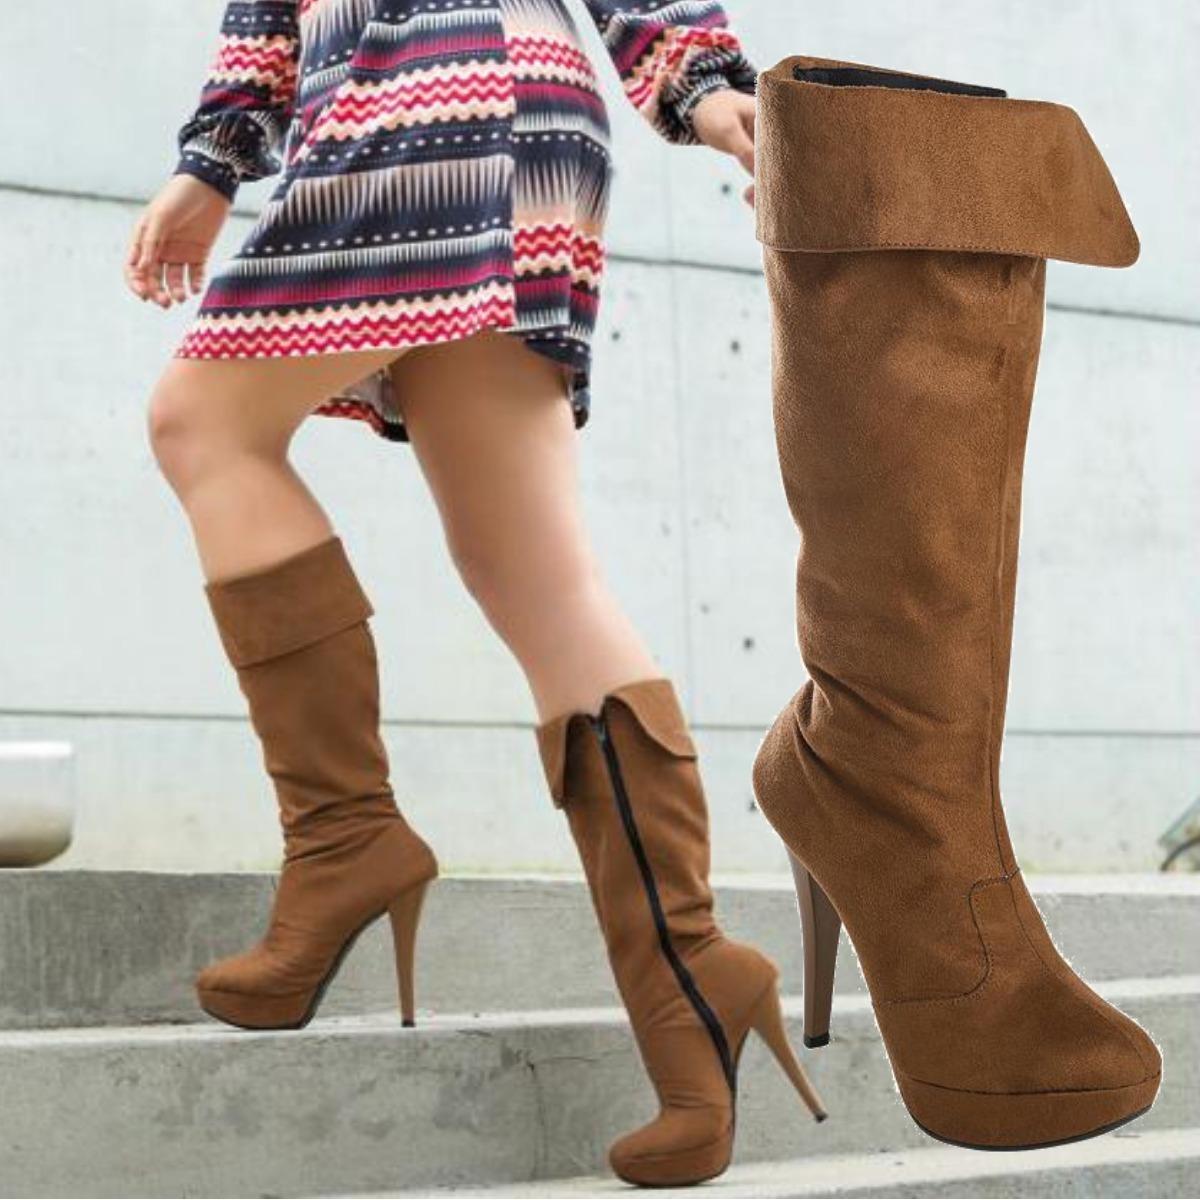 56471ec889 bota cano alto caramelo em camurça - bota salto feminina. Carregando zoom.